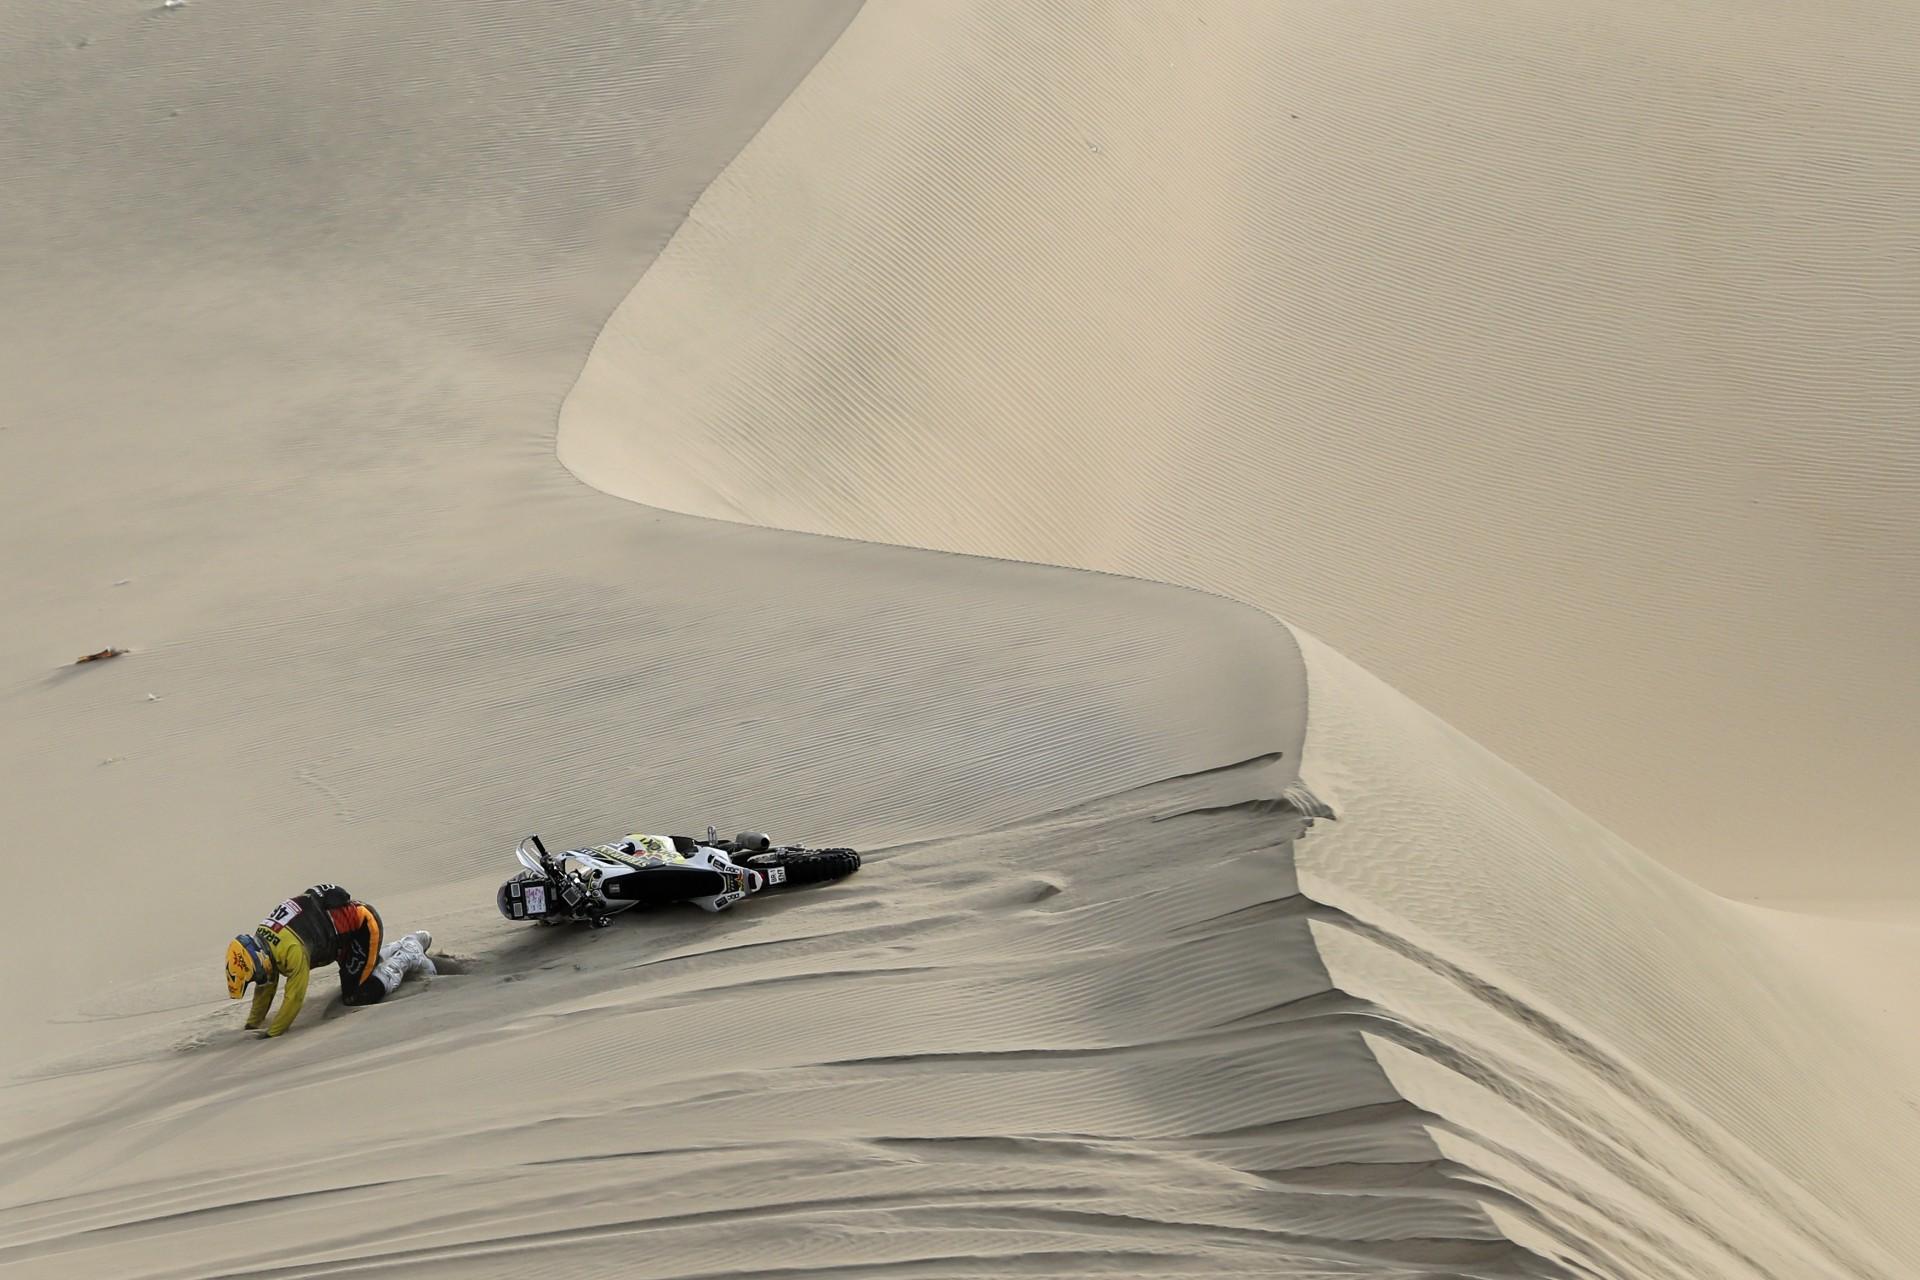 Jan Brabec de la República Checa durante la novena etapa del Rally Dakar en Pisco, Perú, miércoles 16 de enero de 2019.